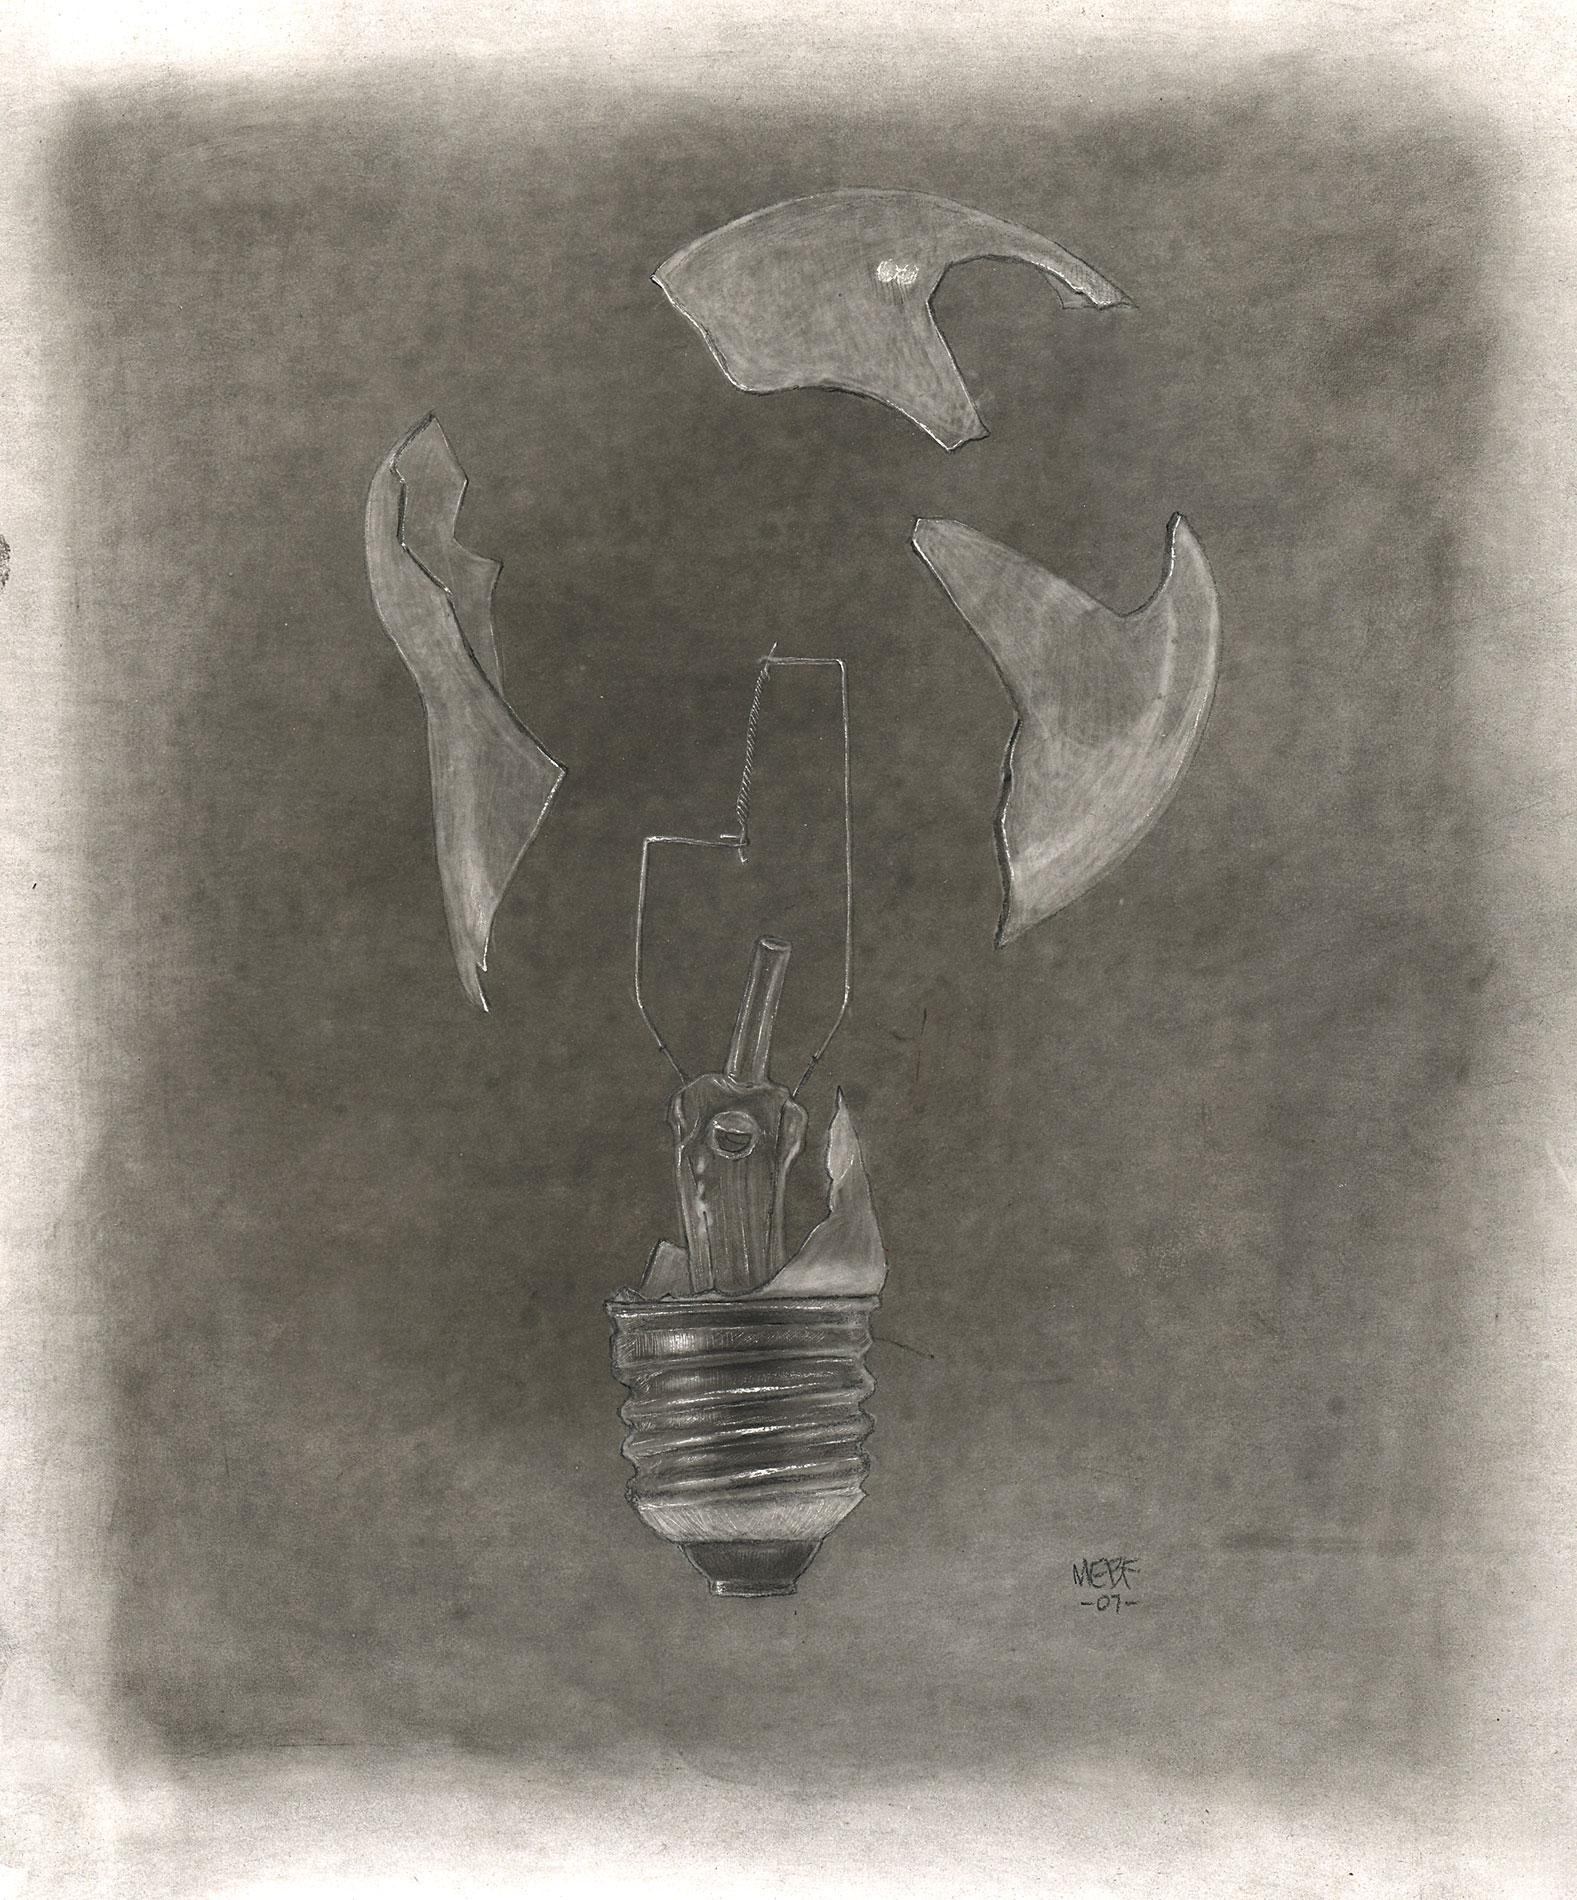 lightbulb001.jpg